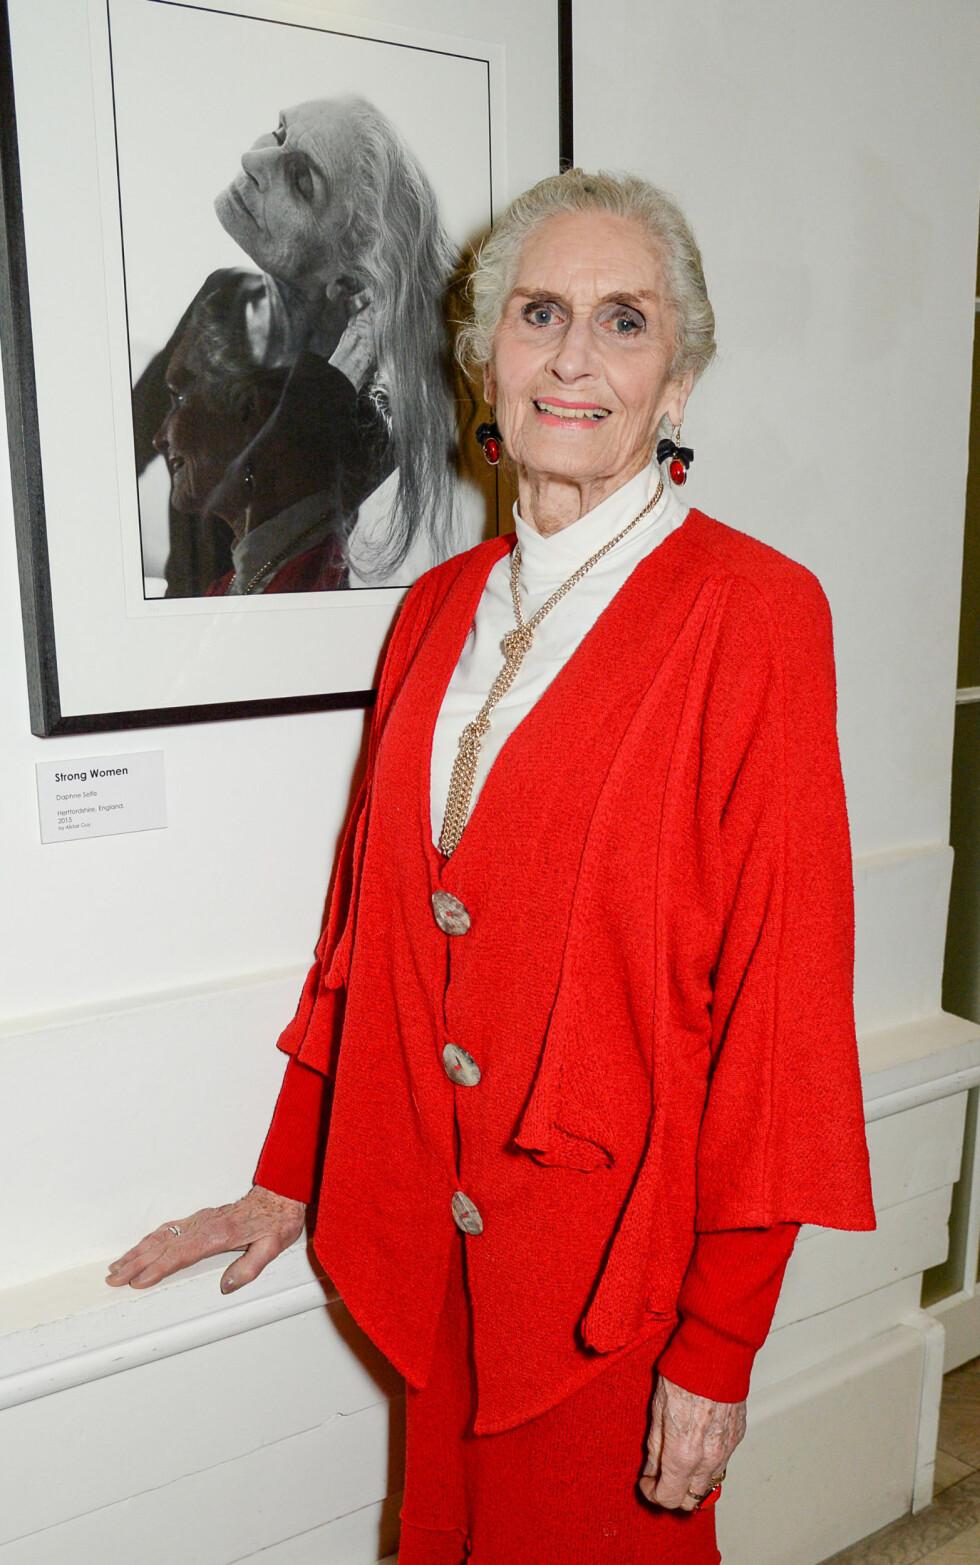 DAPHNE SELFE (89): Kjent som verdens eldste arbeidende supermodell, med stadig flere oppdrag. Hevder hun aldri skal slutte, og har startet et eget mentorkurs for yngre modeller på nett. - Jeg trente mye da jeg var ung, det tror jeg hjelper når man blir eldre, har hun tidligere uttalt. Foto: NTB Scanpix